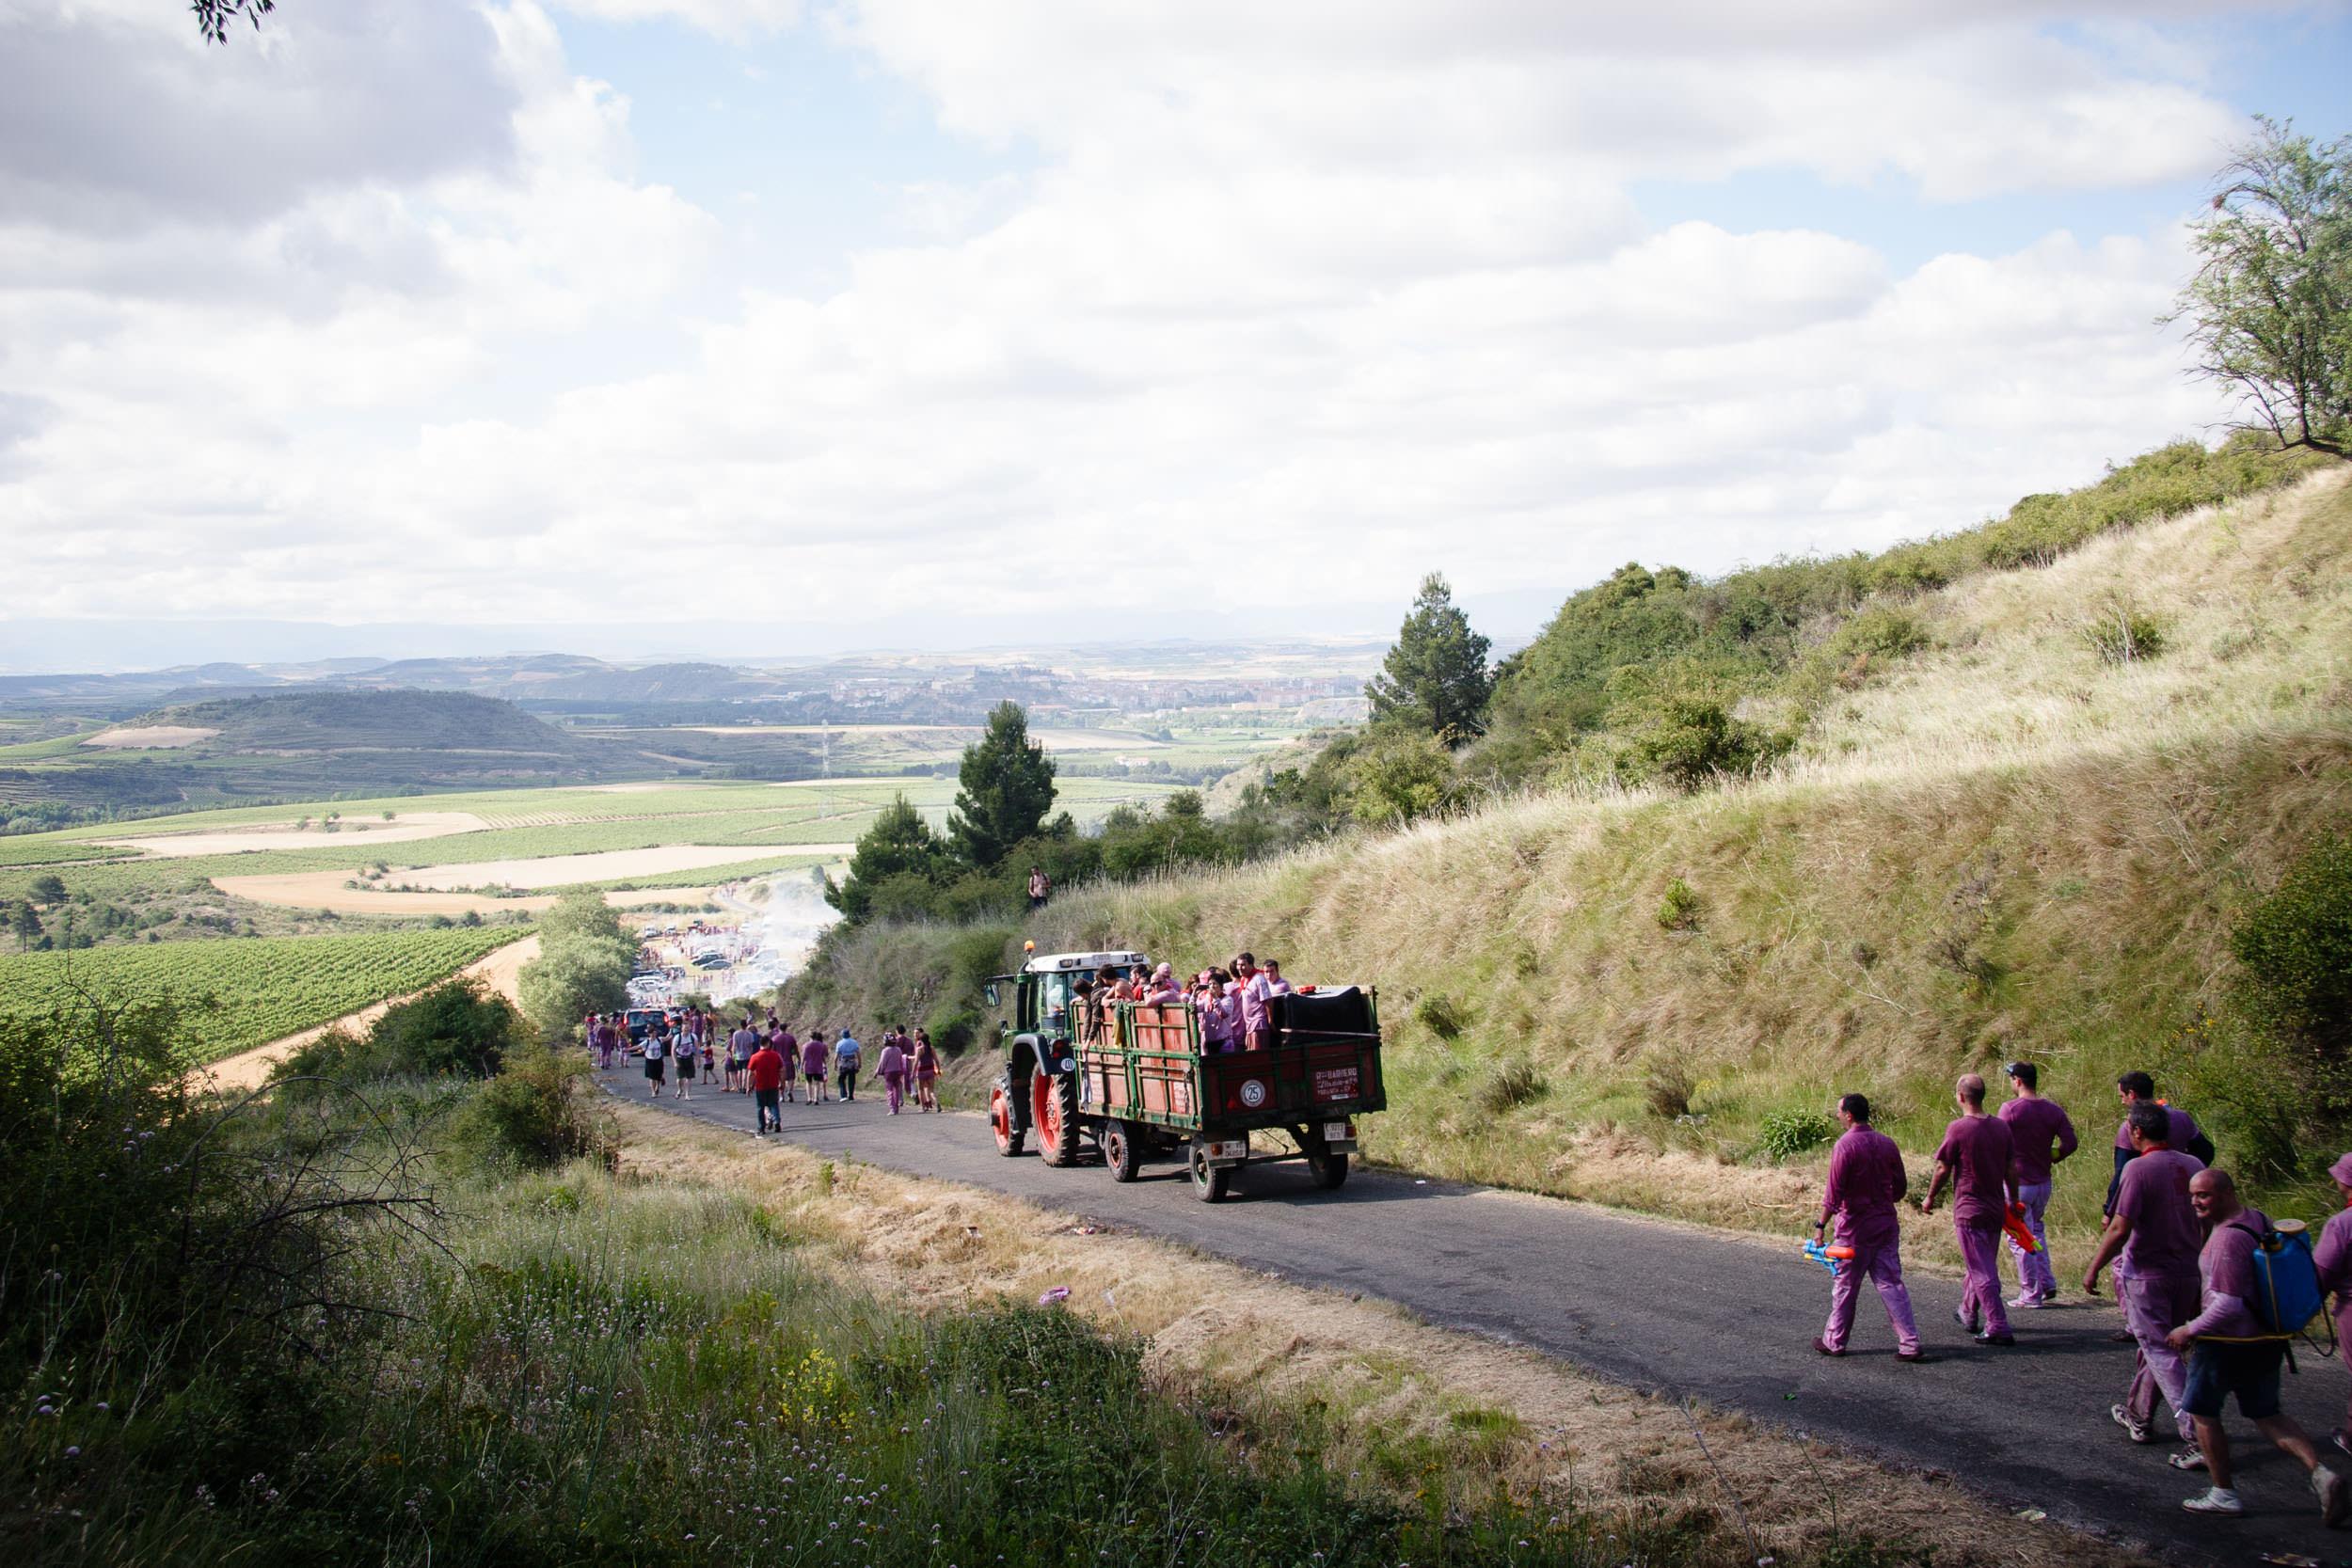 Fotografia Editorial Haro La Rioja España - La Batalla de Vino - James Sturcke Photographer | sturcke.org_012.jpg